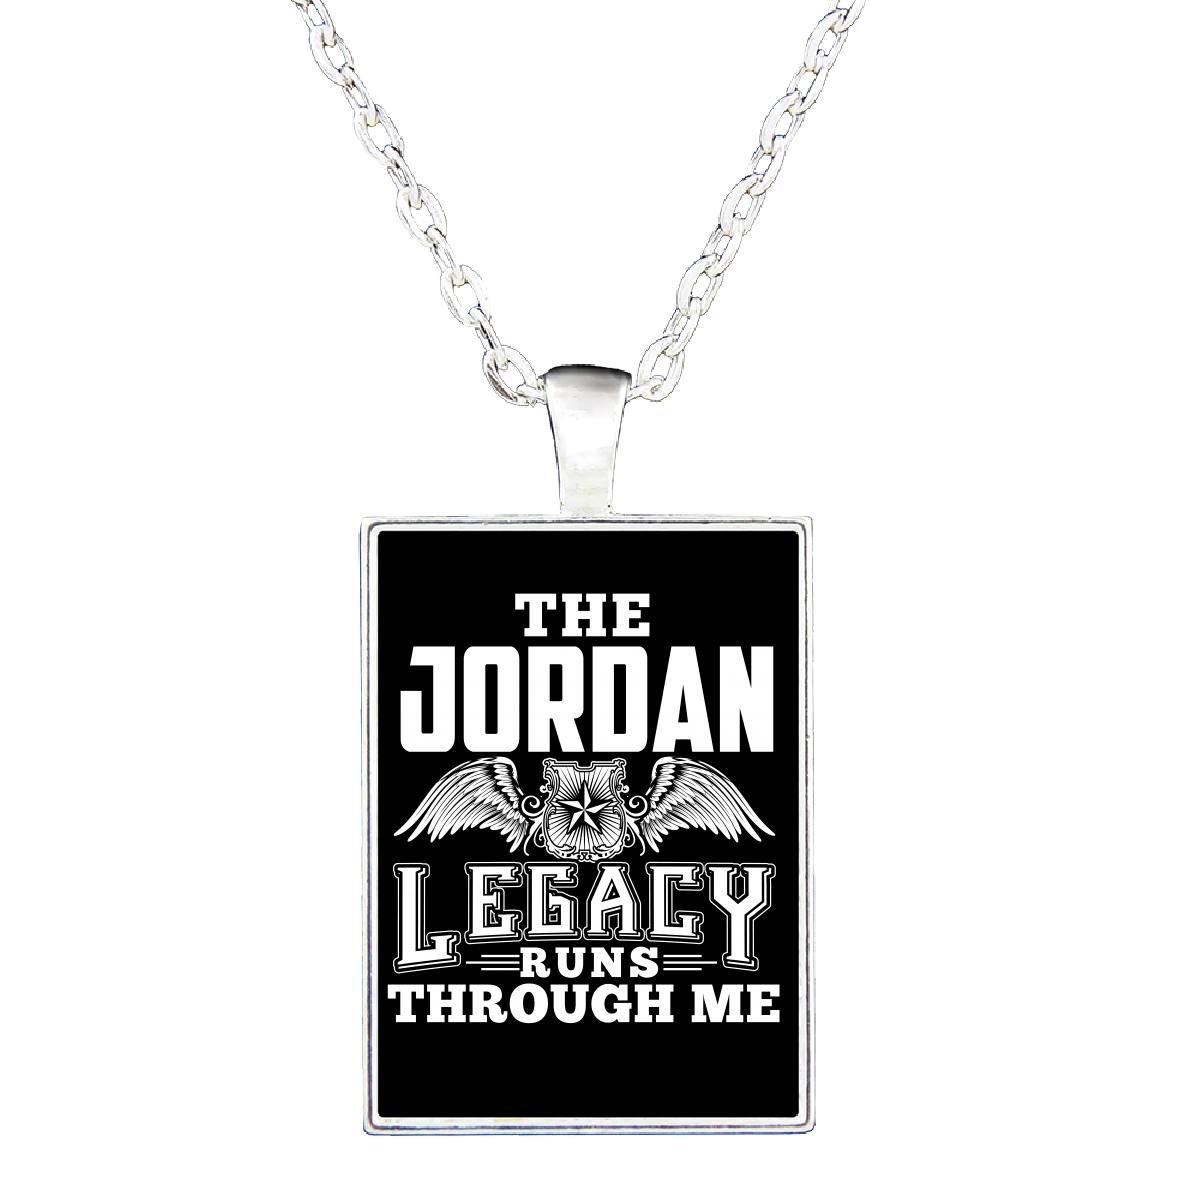 The Jordan Legacy Runs Through Me - Necklace